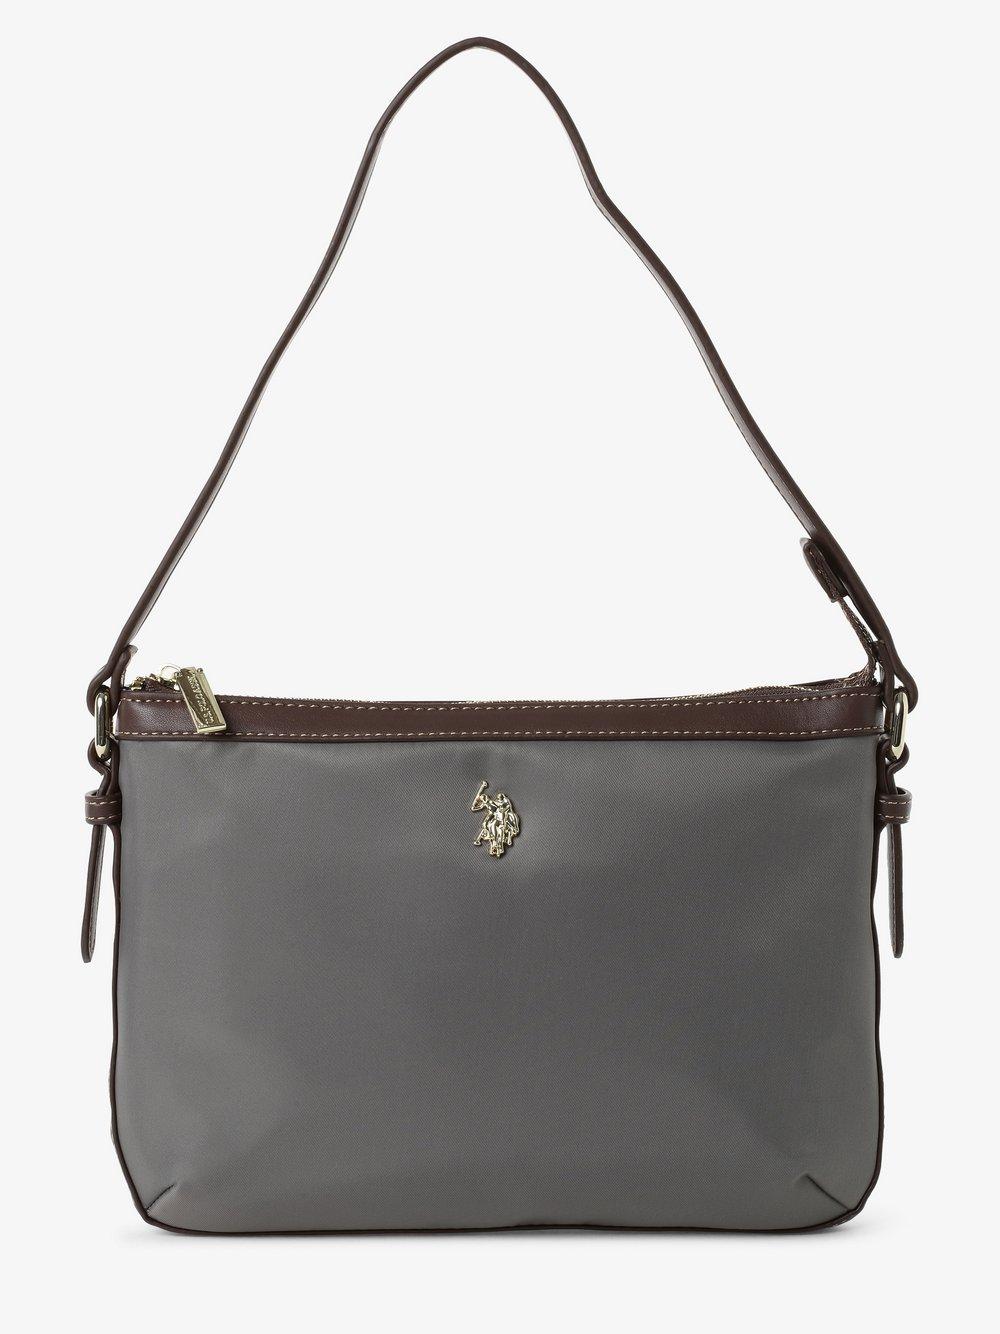 U.S. Polo Assn. – Torebka damska, szary Van Graaf 485254-0001-00000